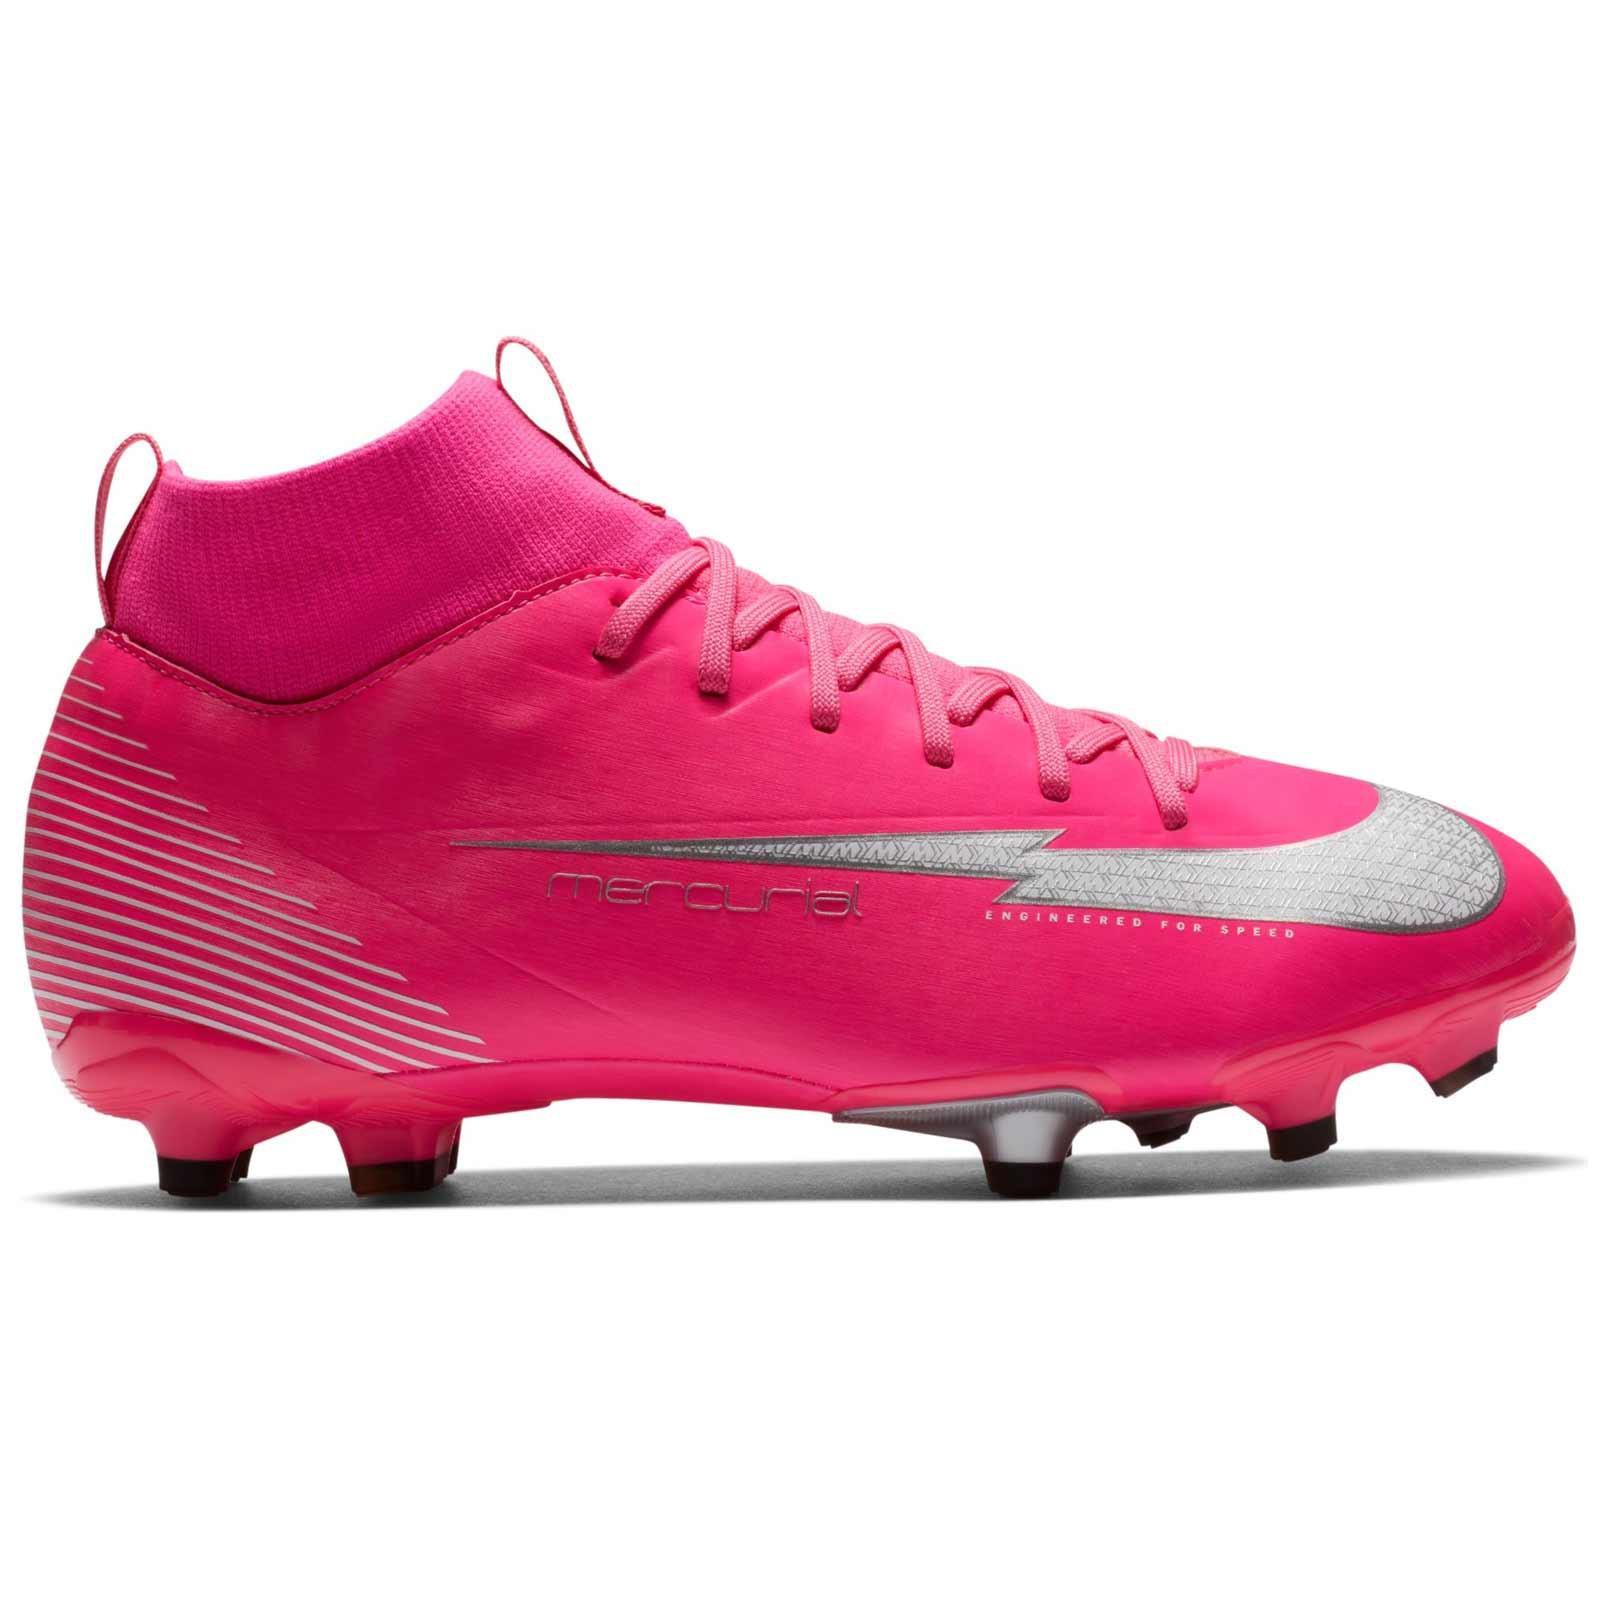 945 cantidad de ventas tenga en cuenta  Nike Mercurial Superfly 7 Academy KM FG/MG Jr | futbolmaniaKids